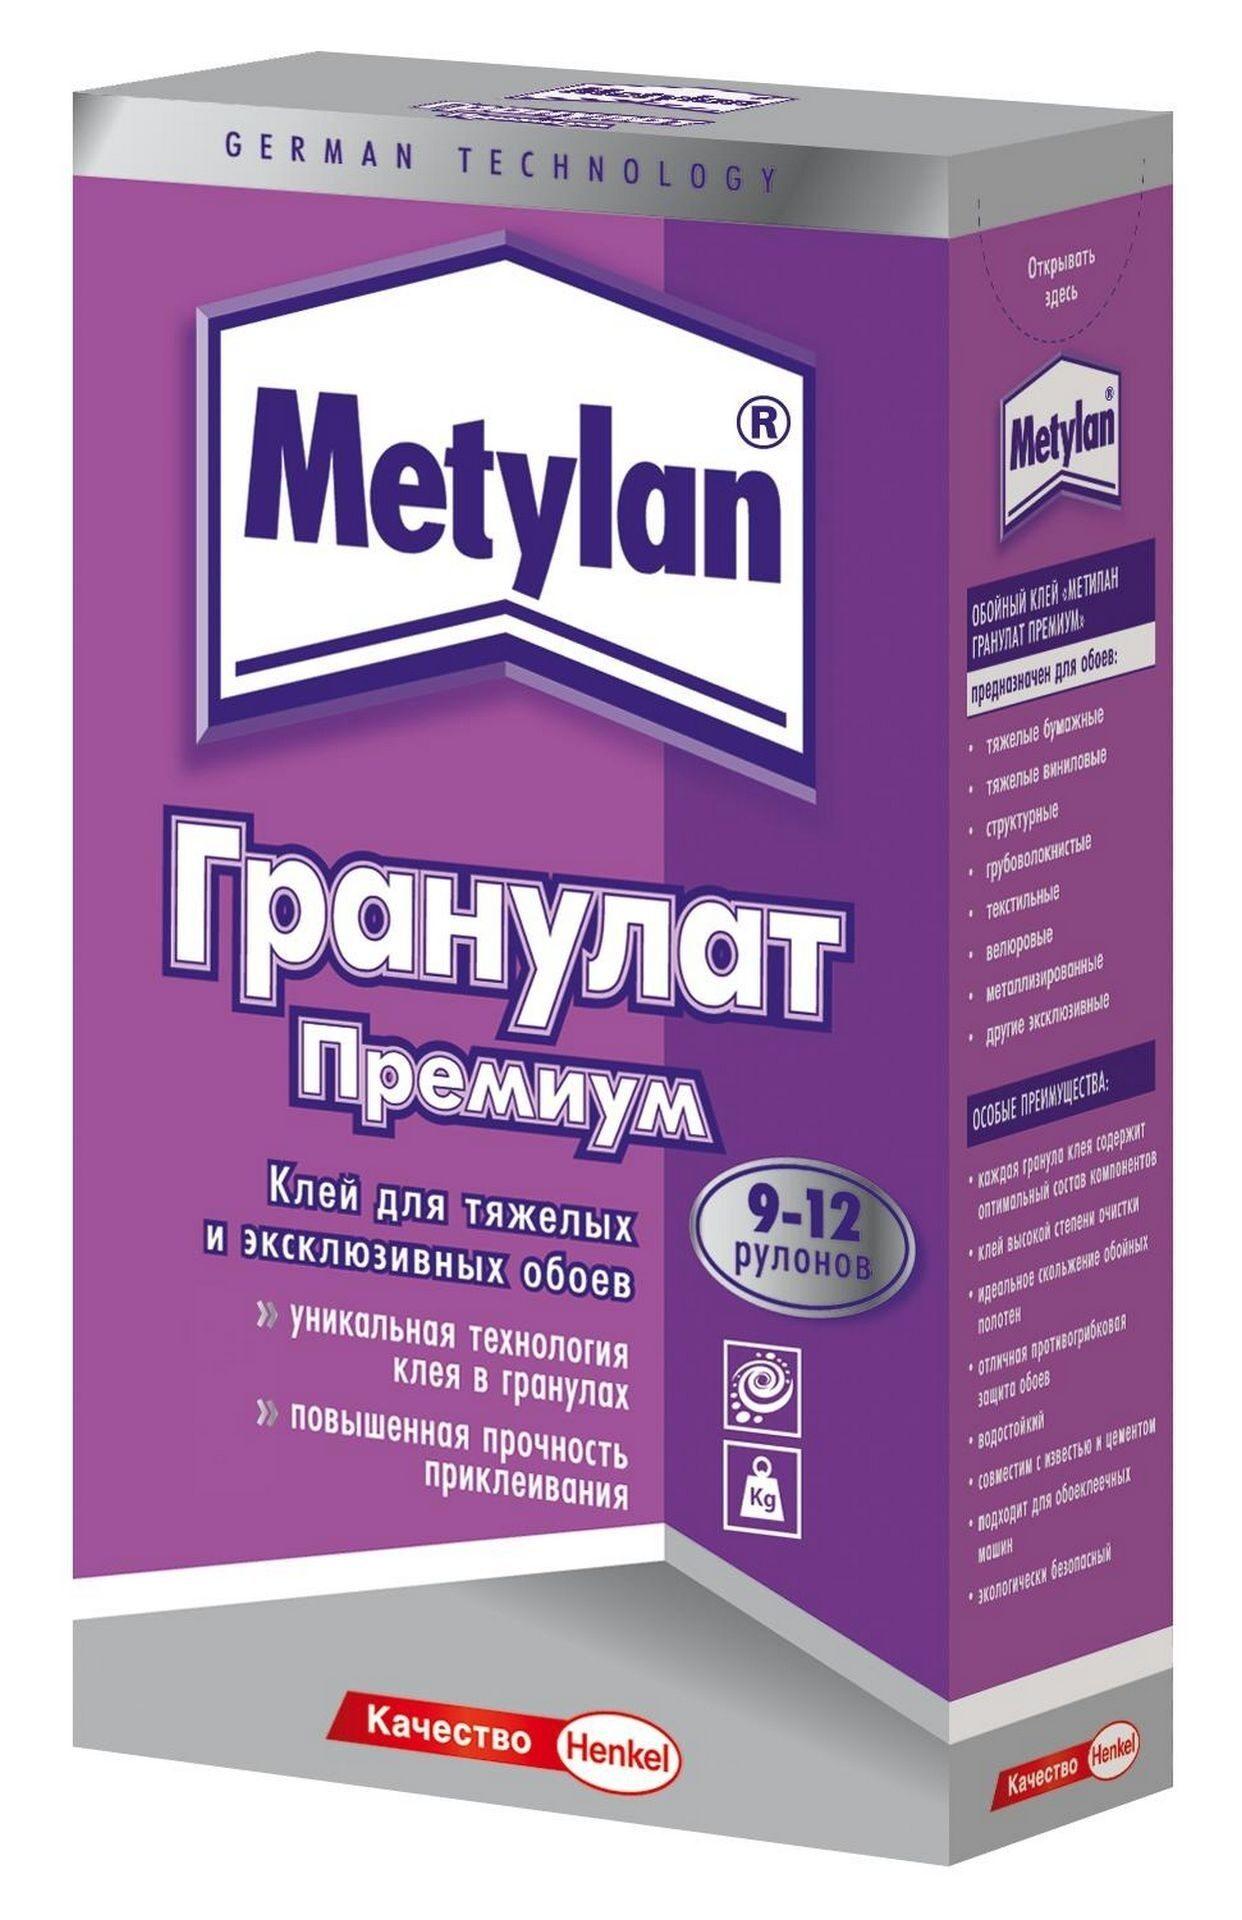 Клеим виниловые обои на маслянную краску метилан тт 6